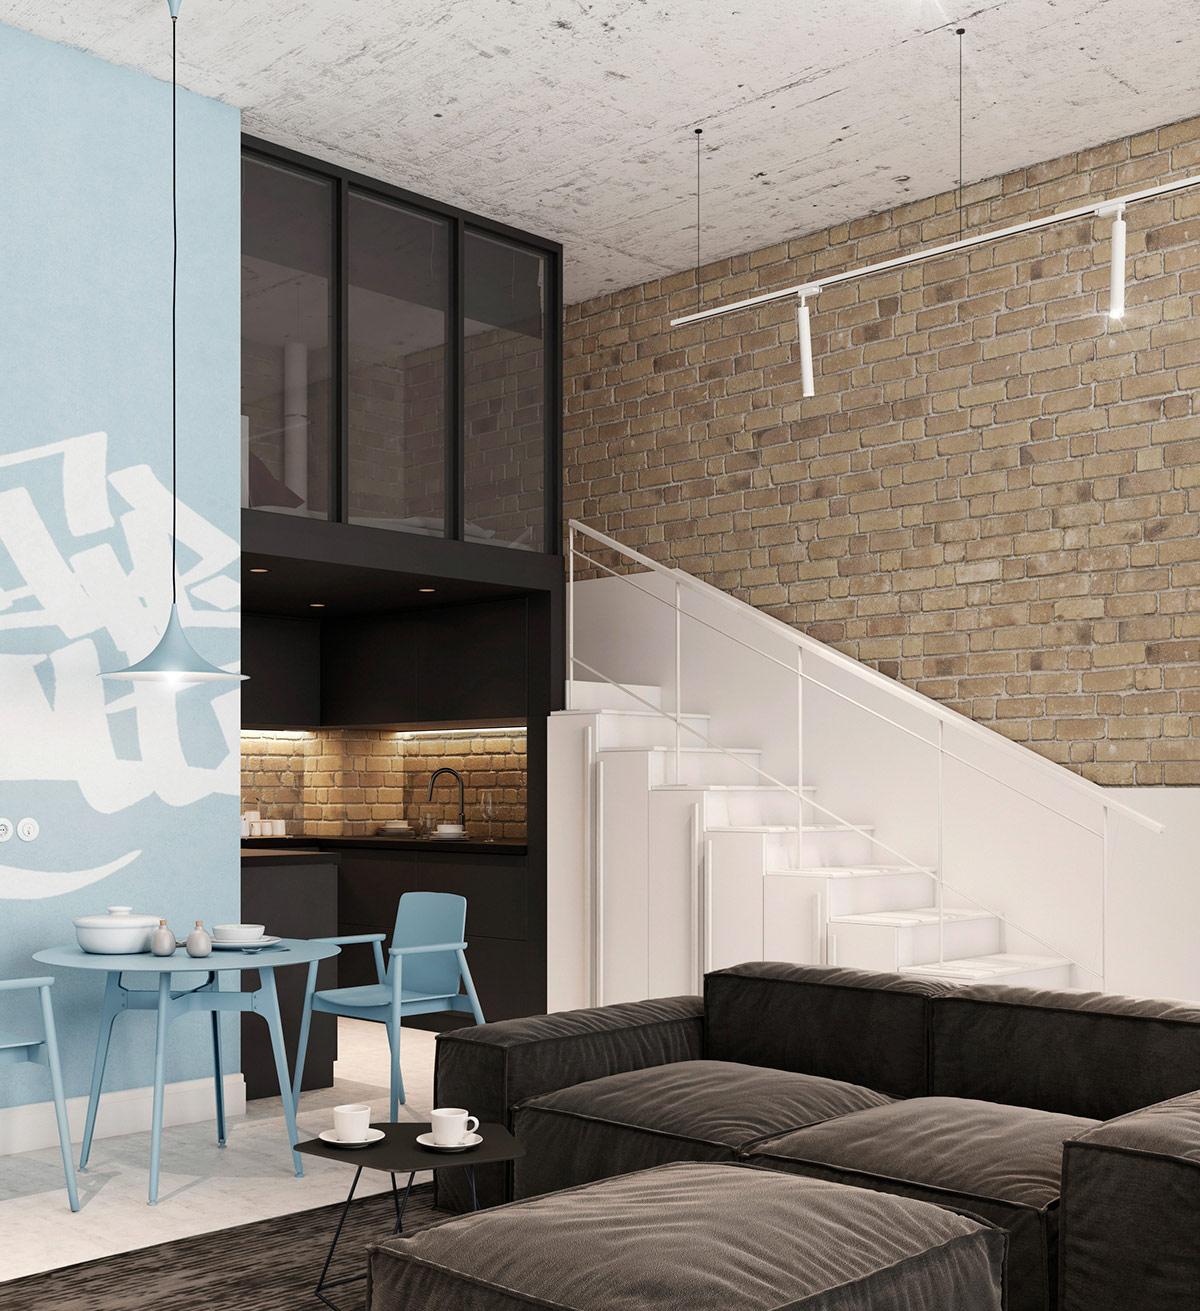 Một bức tường graffiti màu xanh lam bổ sung cho đồ nội thất ăn uống trong khi vẫn duy trì một đường phố đô thị hoang sơ.